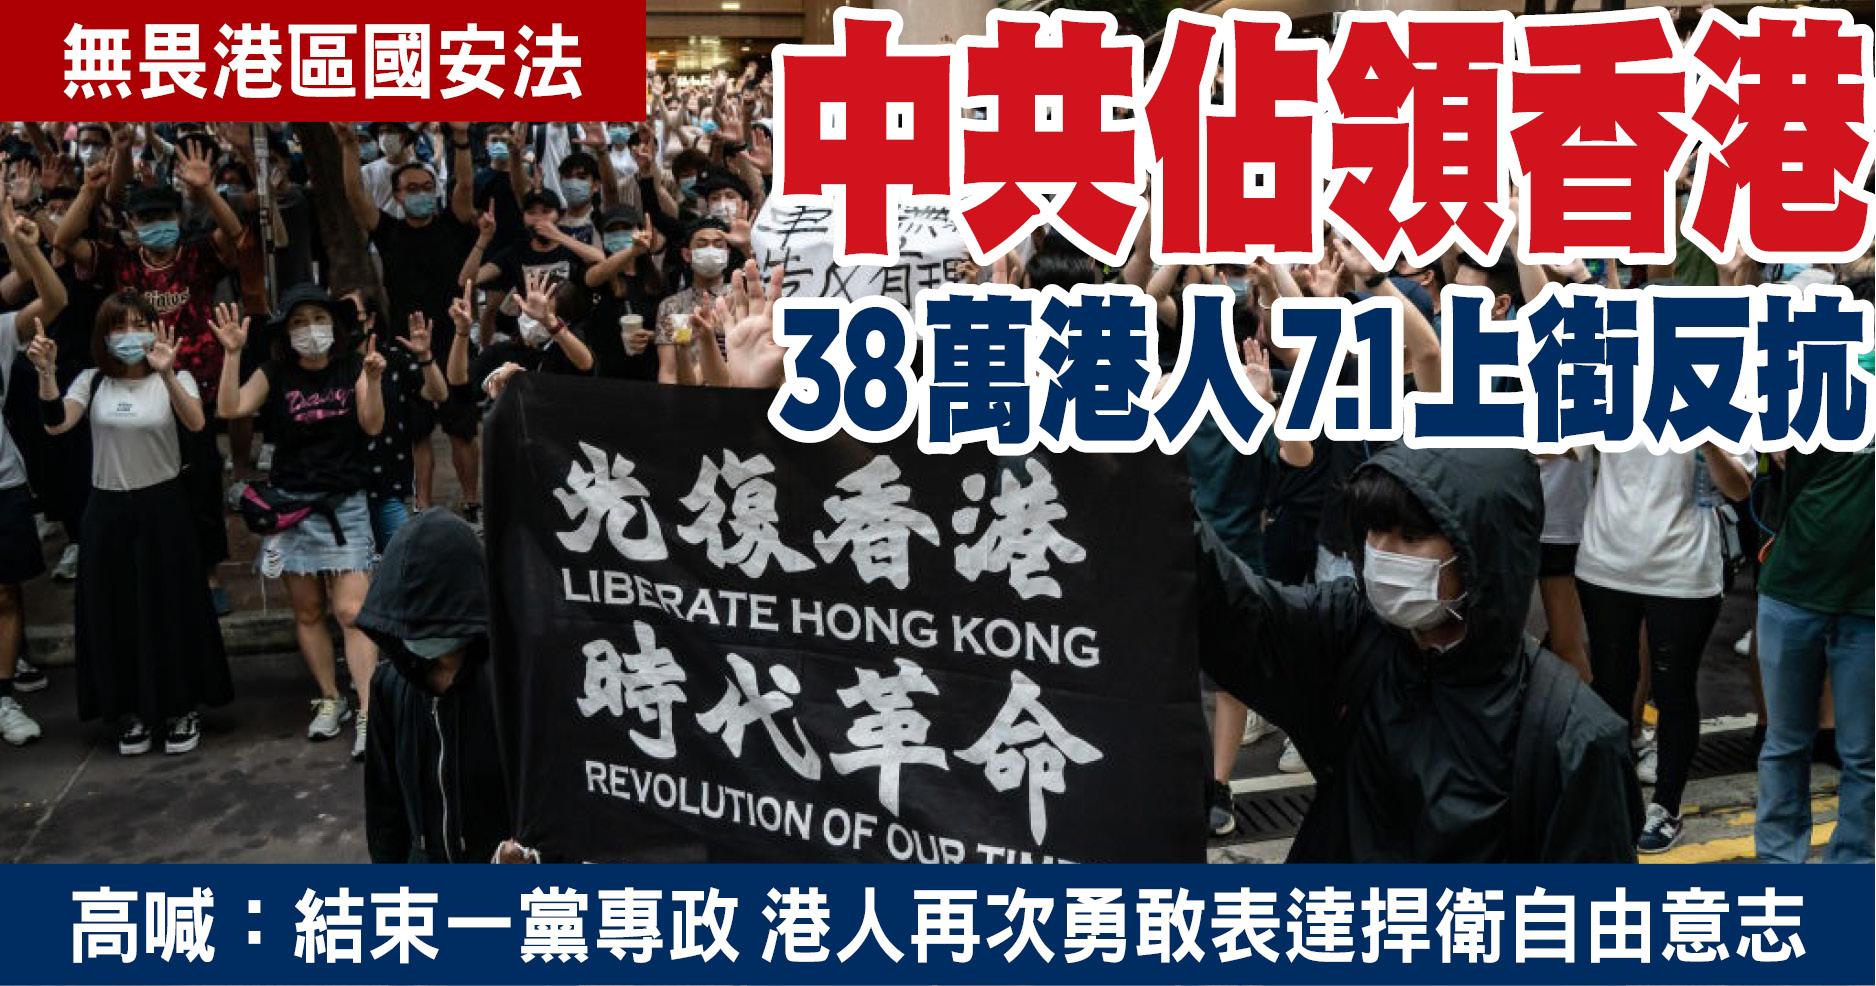 參加七一遊行市民無懼「國安法」,拉「光復香港 時代革命」橫幅,做「五大訴 求 缺一不可」手勢。(Anthony Kwan/Getty Images)